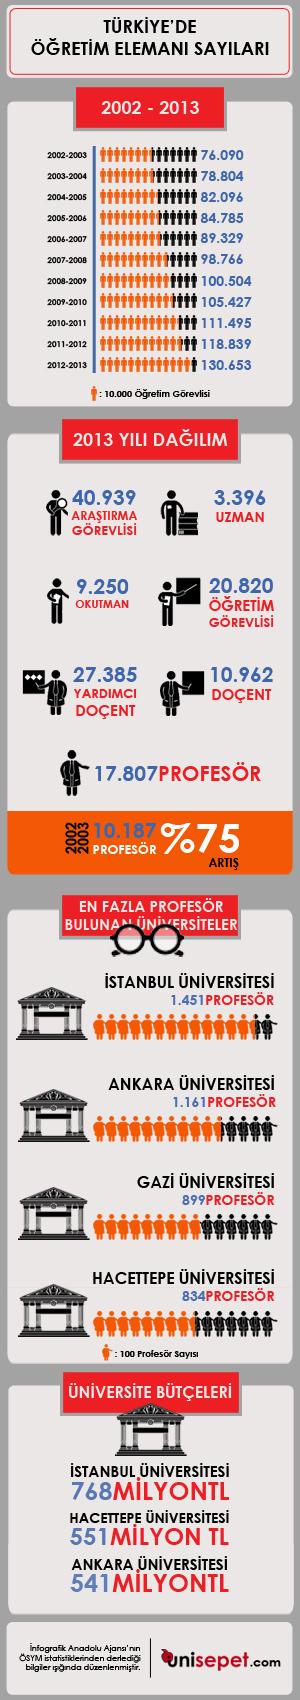 Türkiye'de Öğretim Elemanı Sayıları infografik